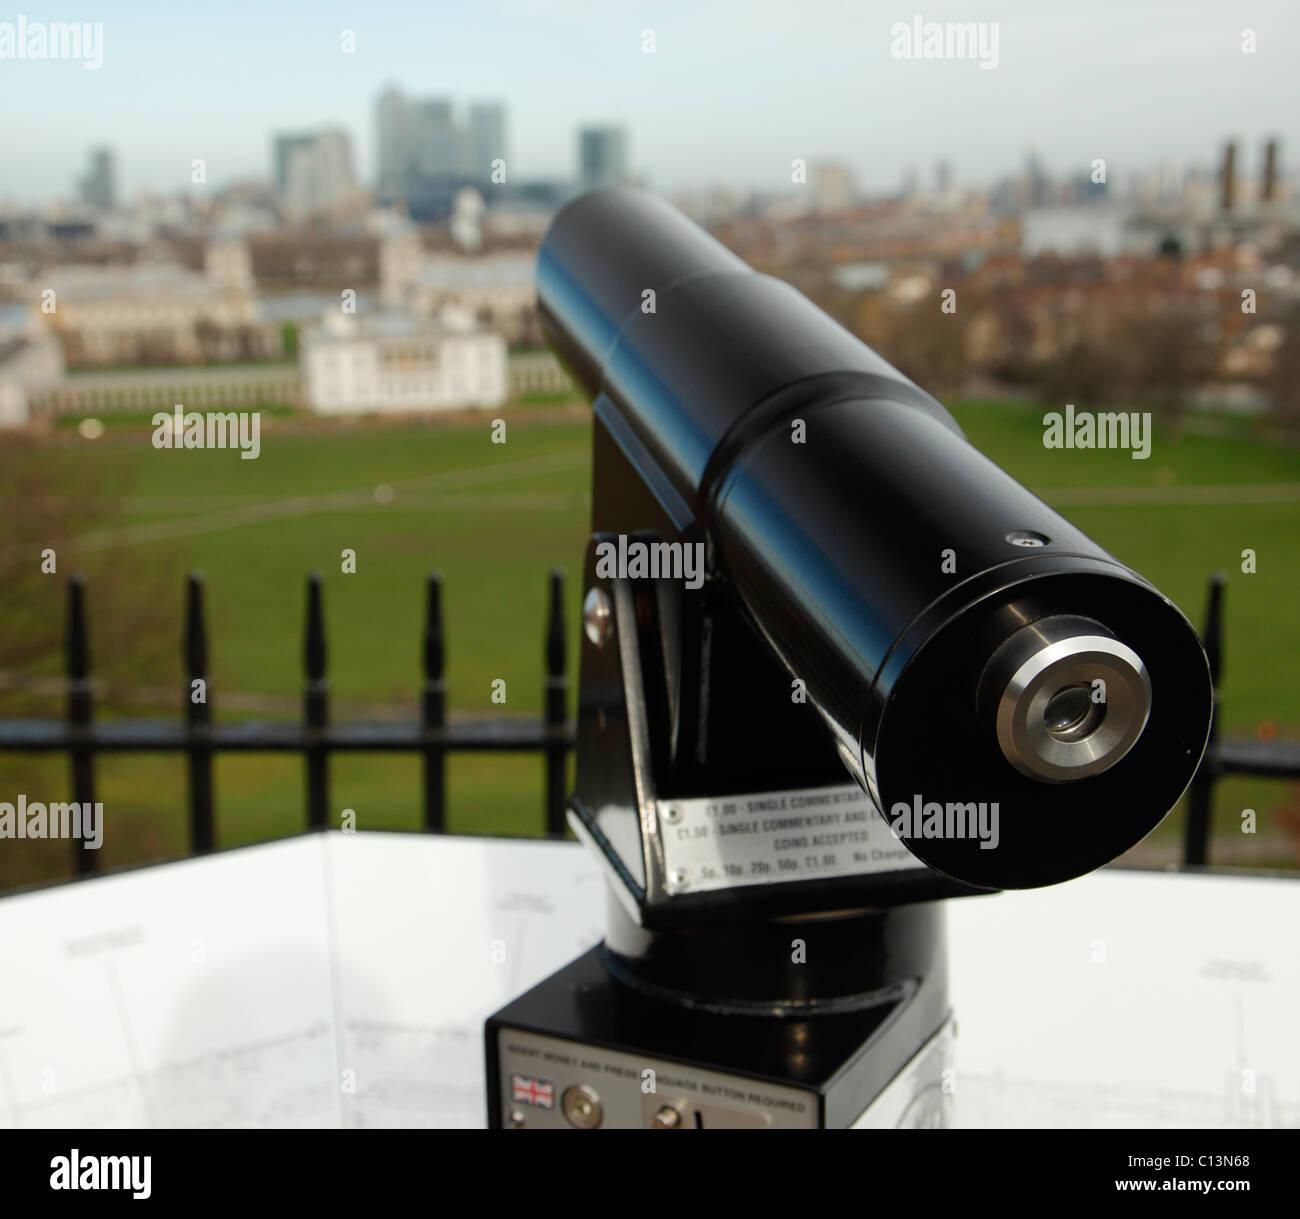 Tourist Telescope overlooking London. - Stock Image